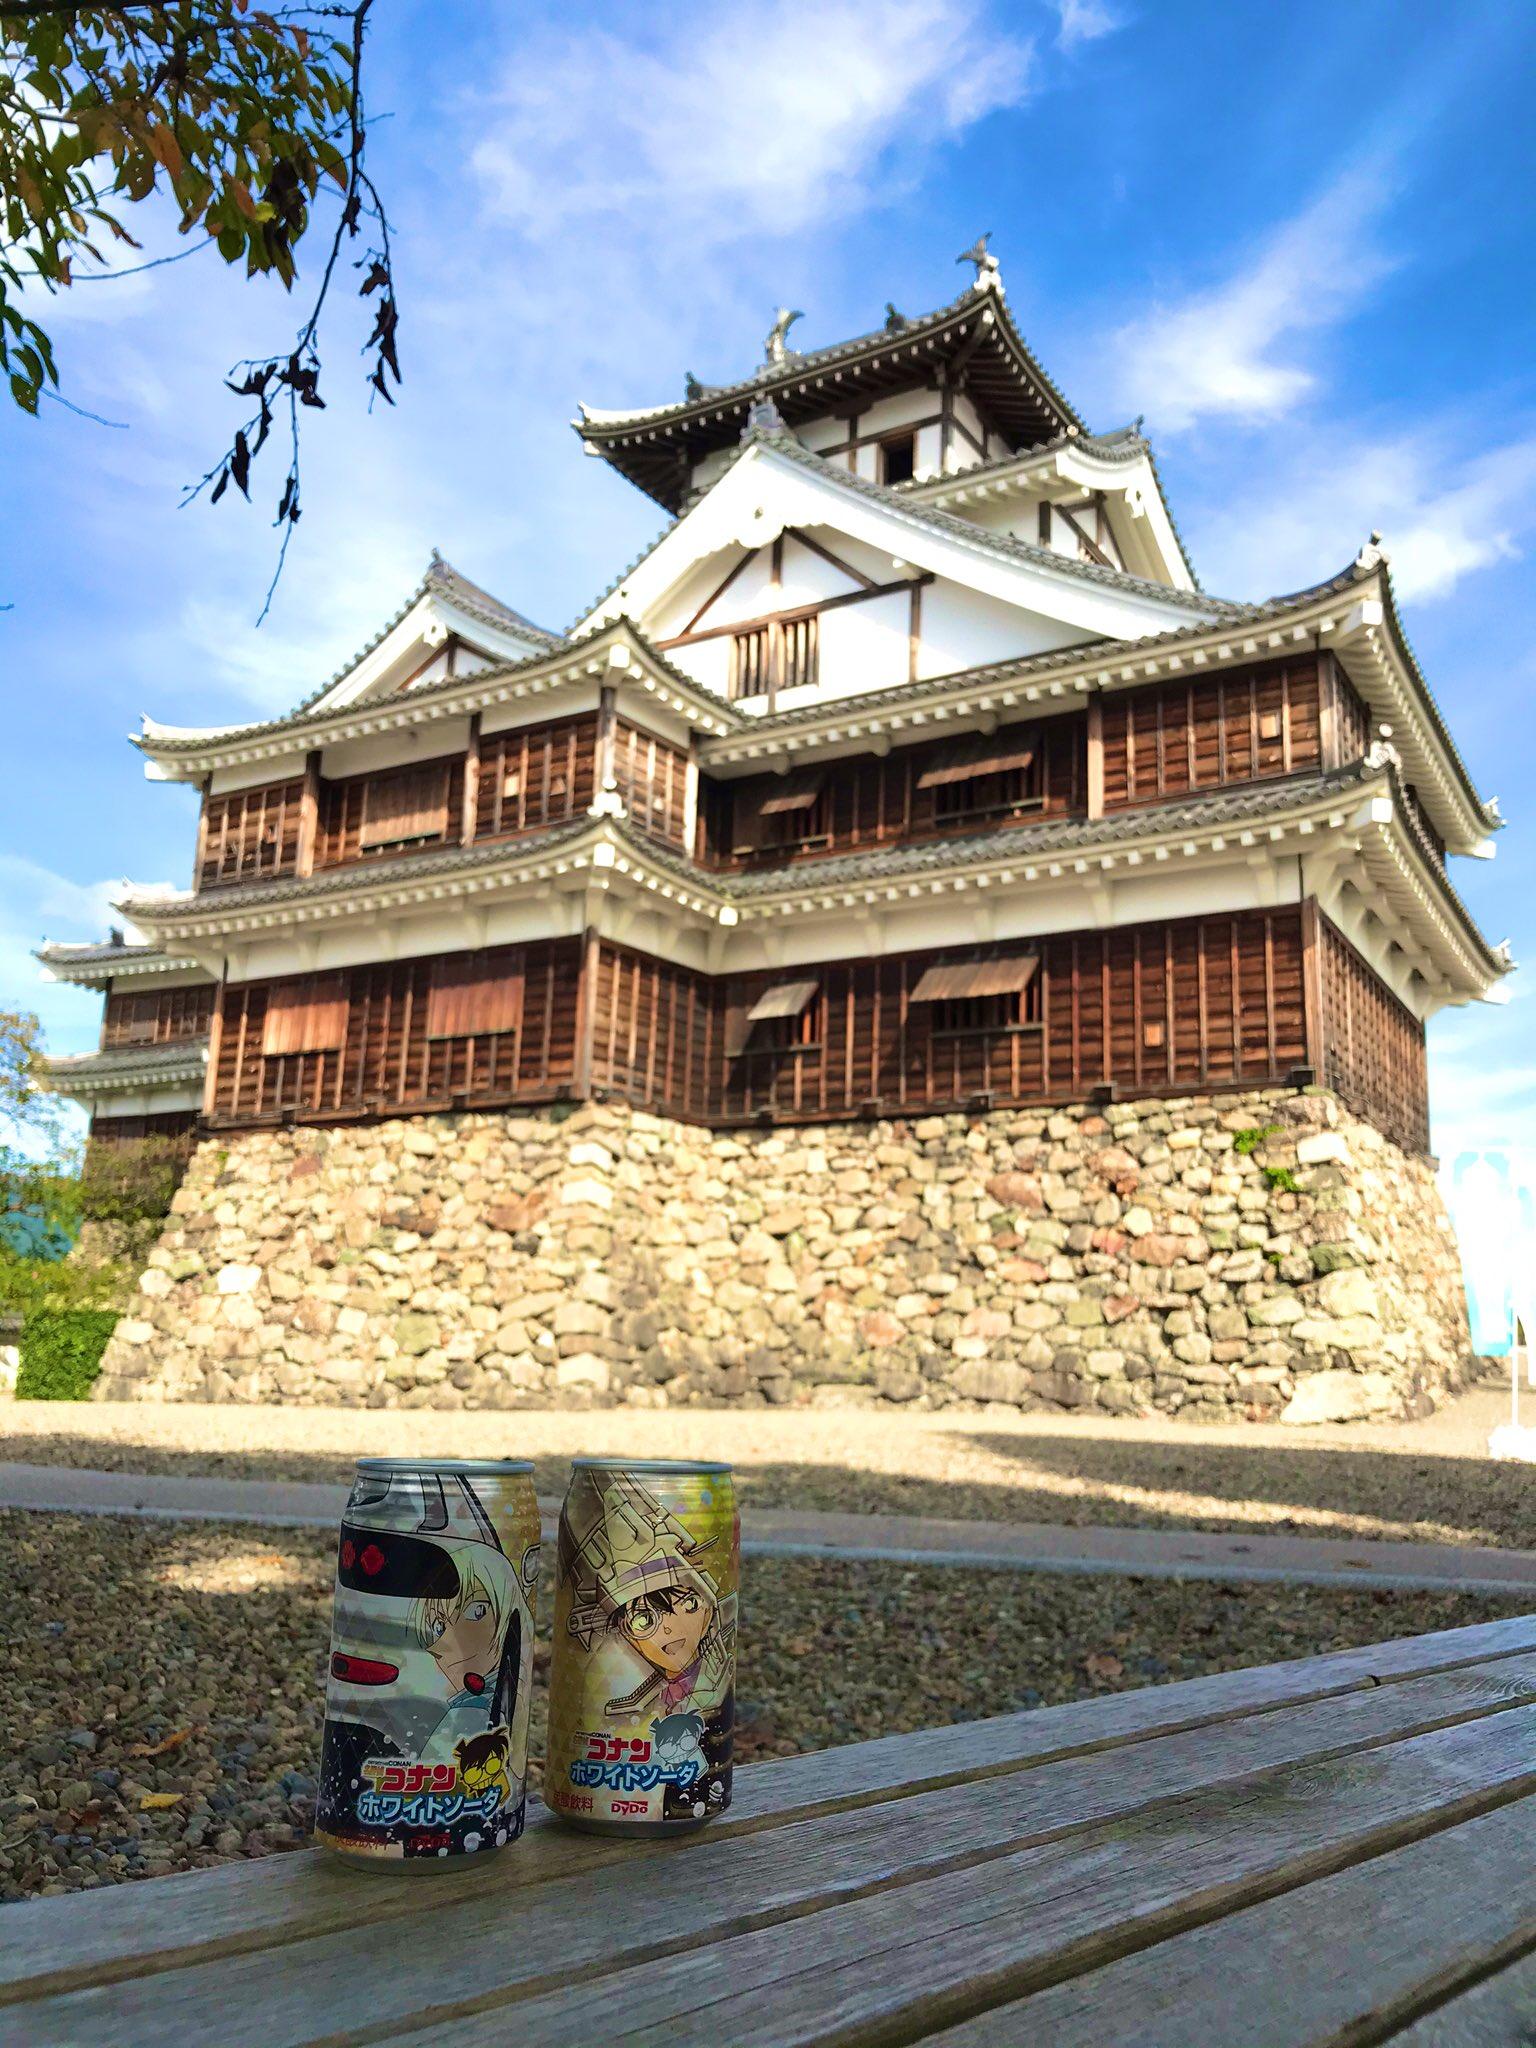 福知山城にある喋る 光秀自販機 で コナン のジュースを買ったら 怪盗キッドと 安室透が出た 届けはるか彼方へ 2019 11 10 福知山シネマ